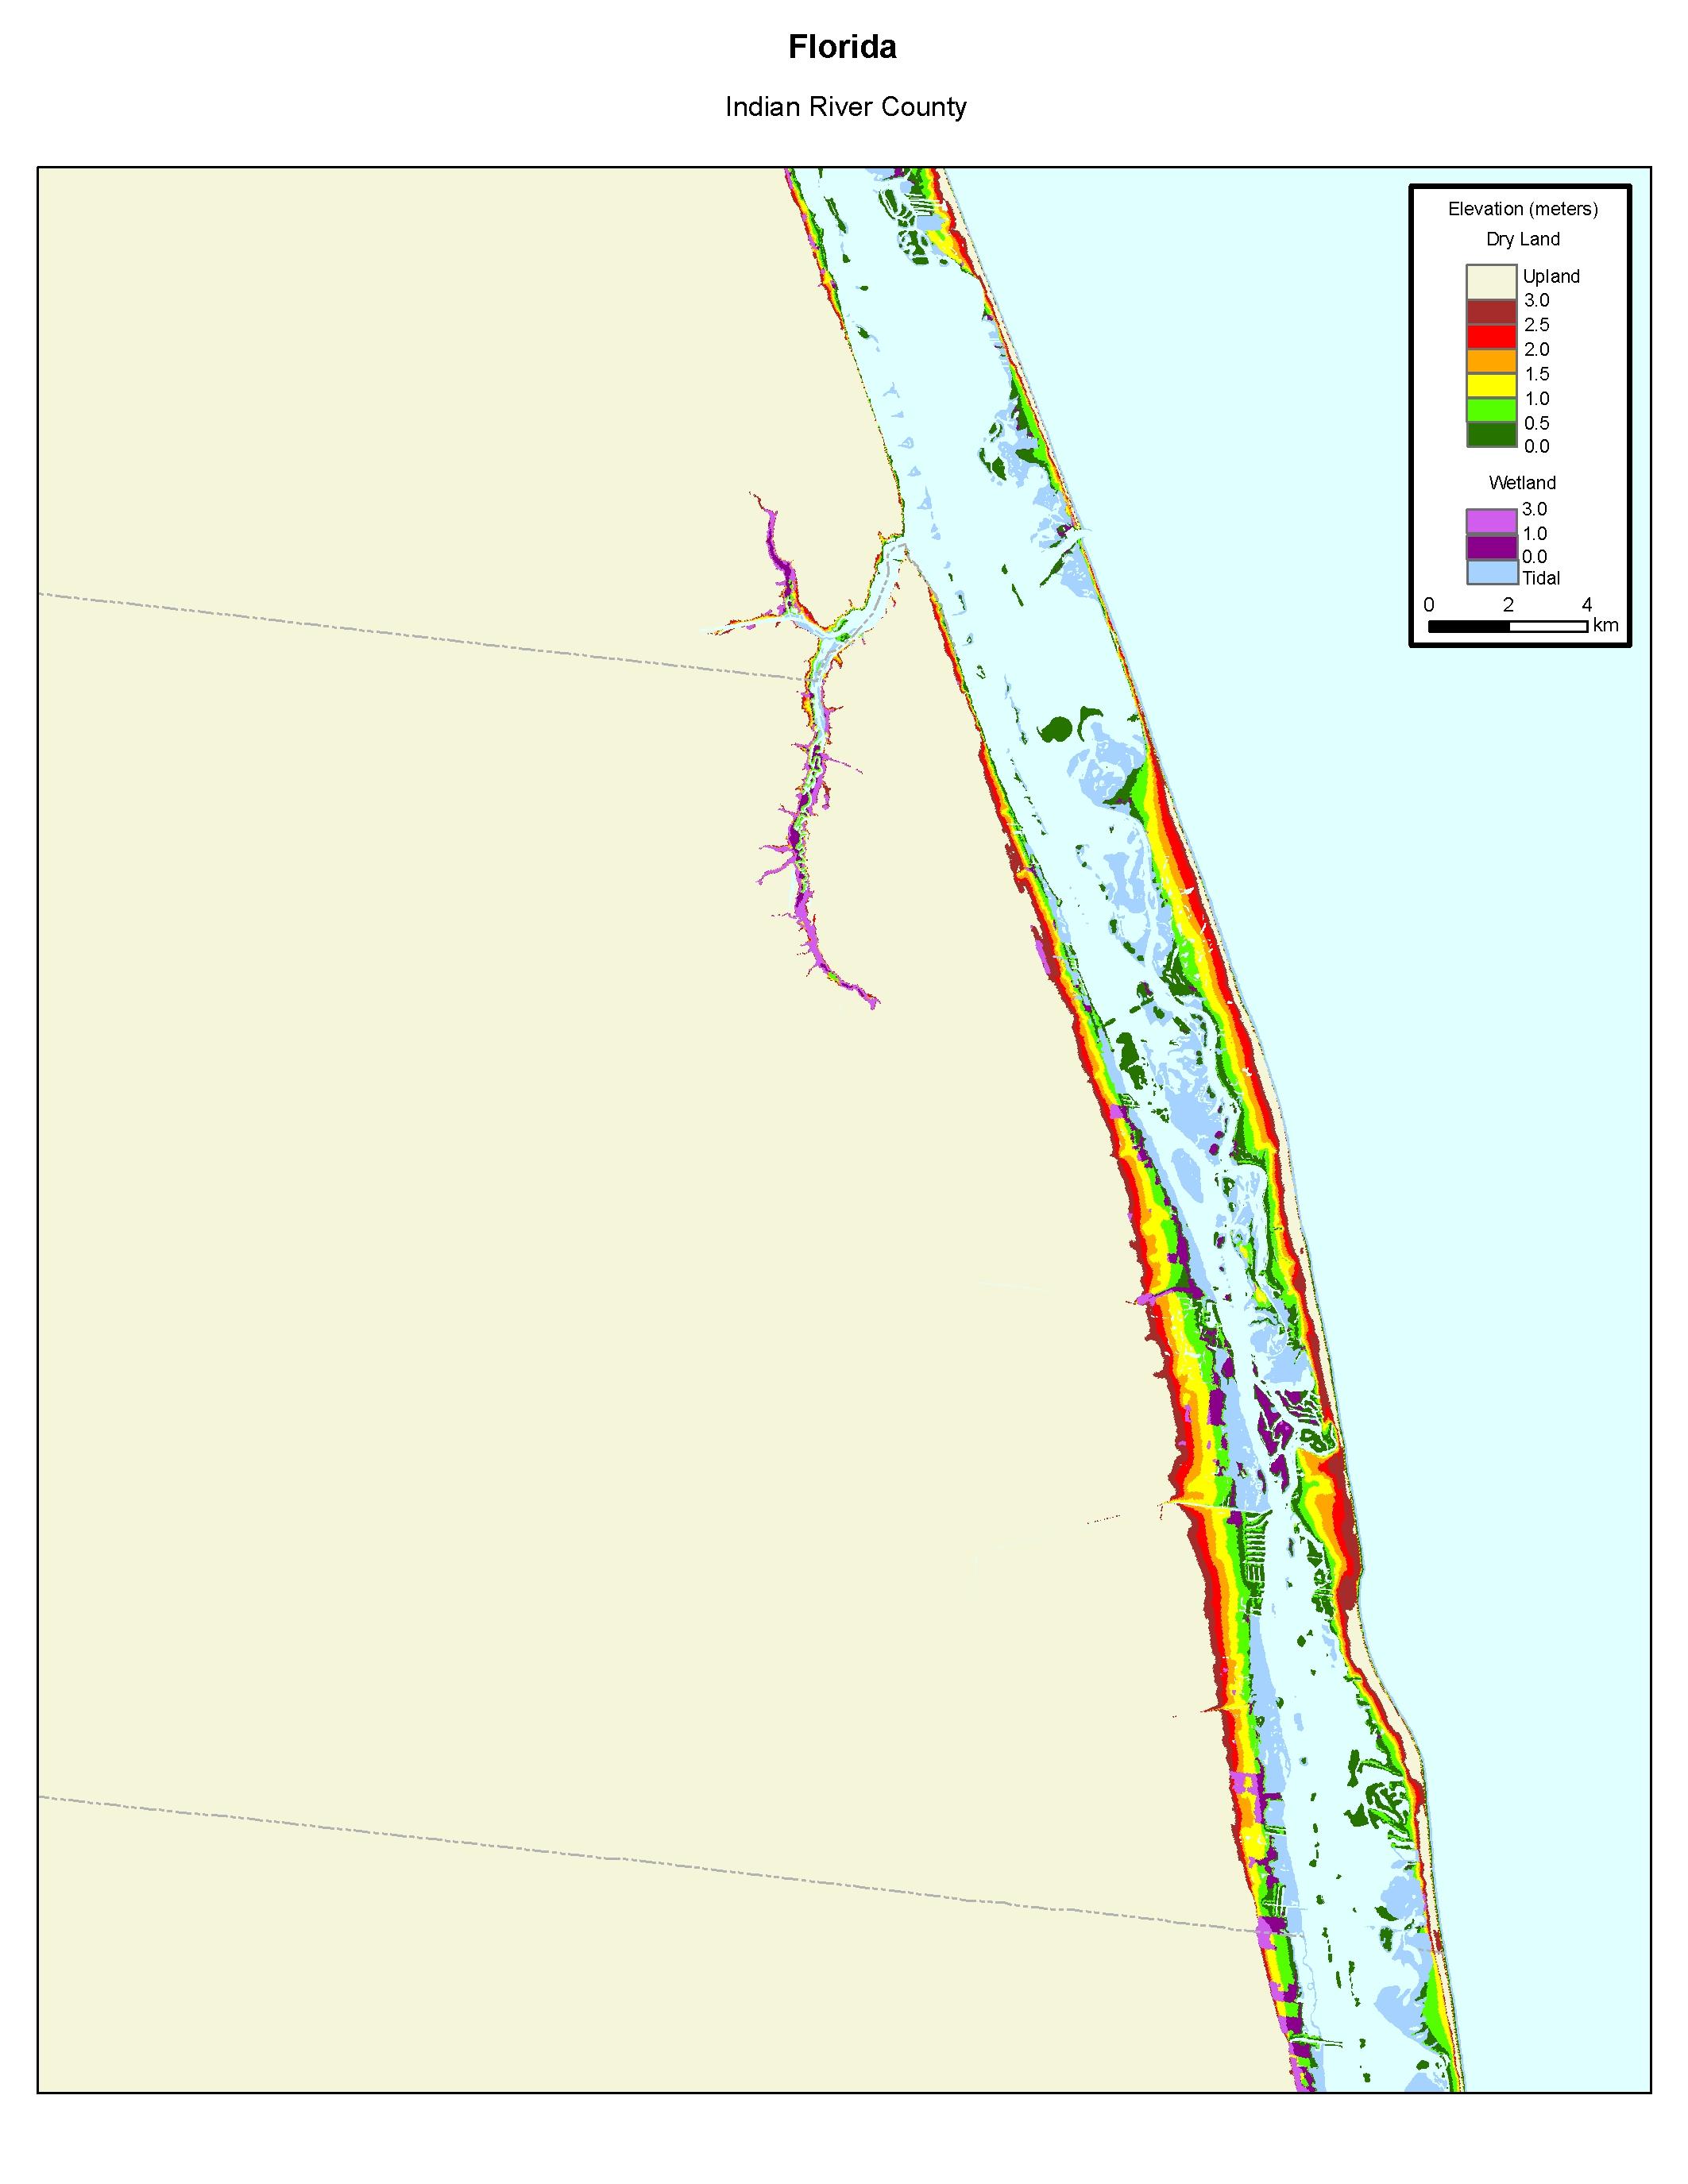 Map Of Florida Atlantic Coast.More Sea Level Rise Maps Of Florida S Atlantic Coast